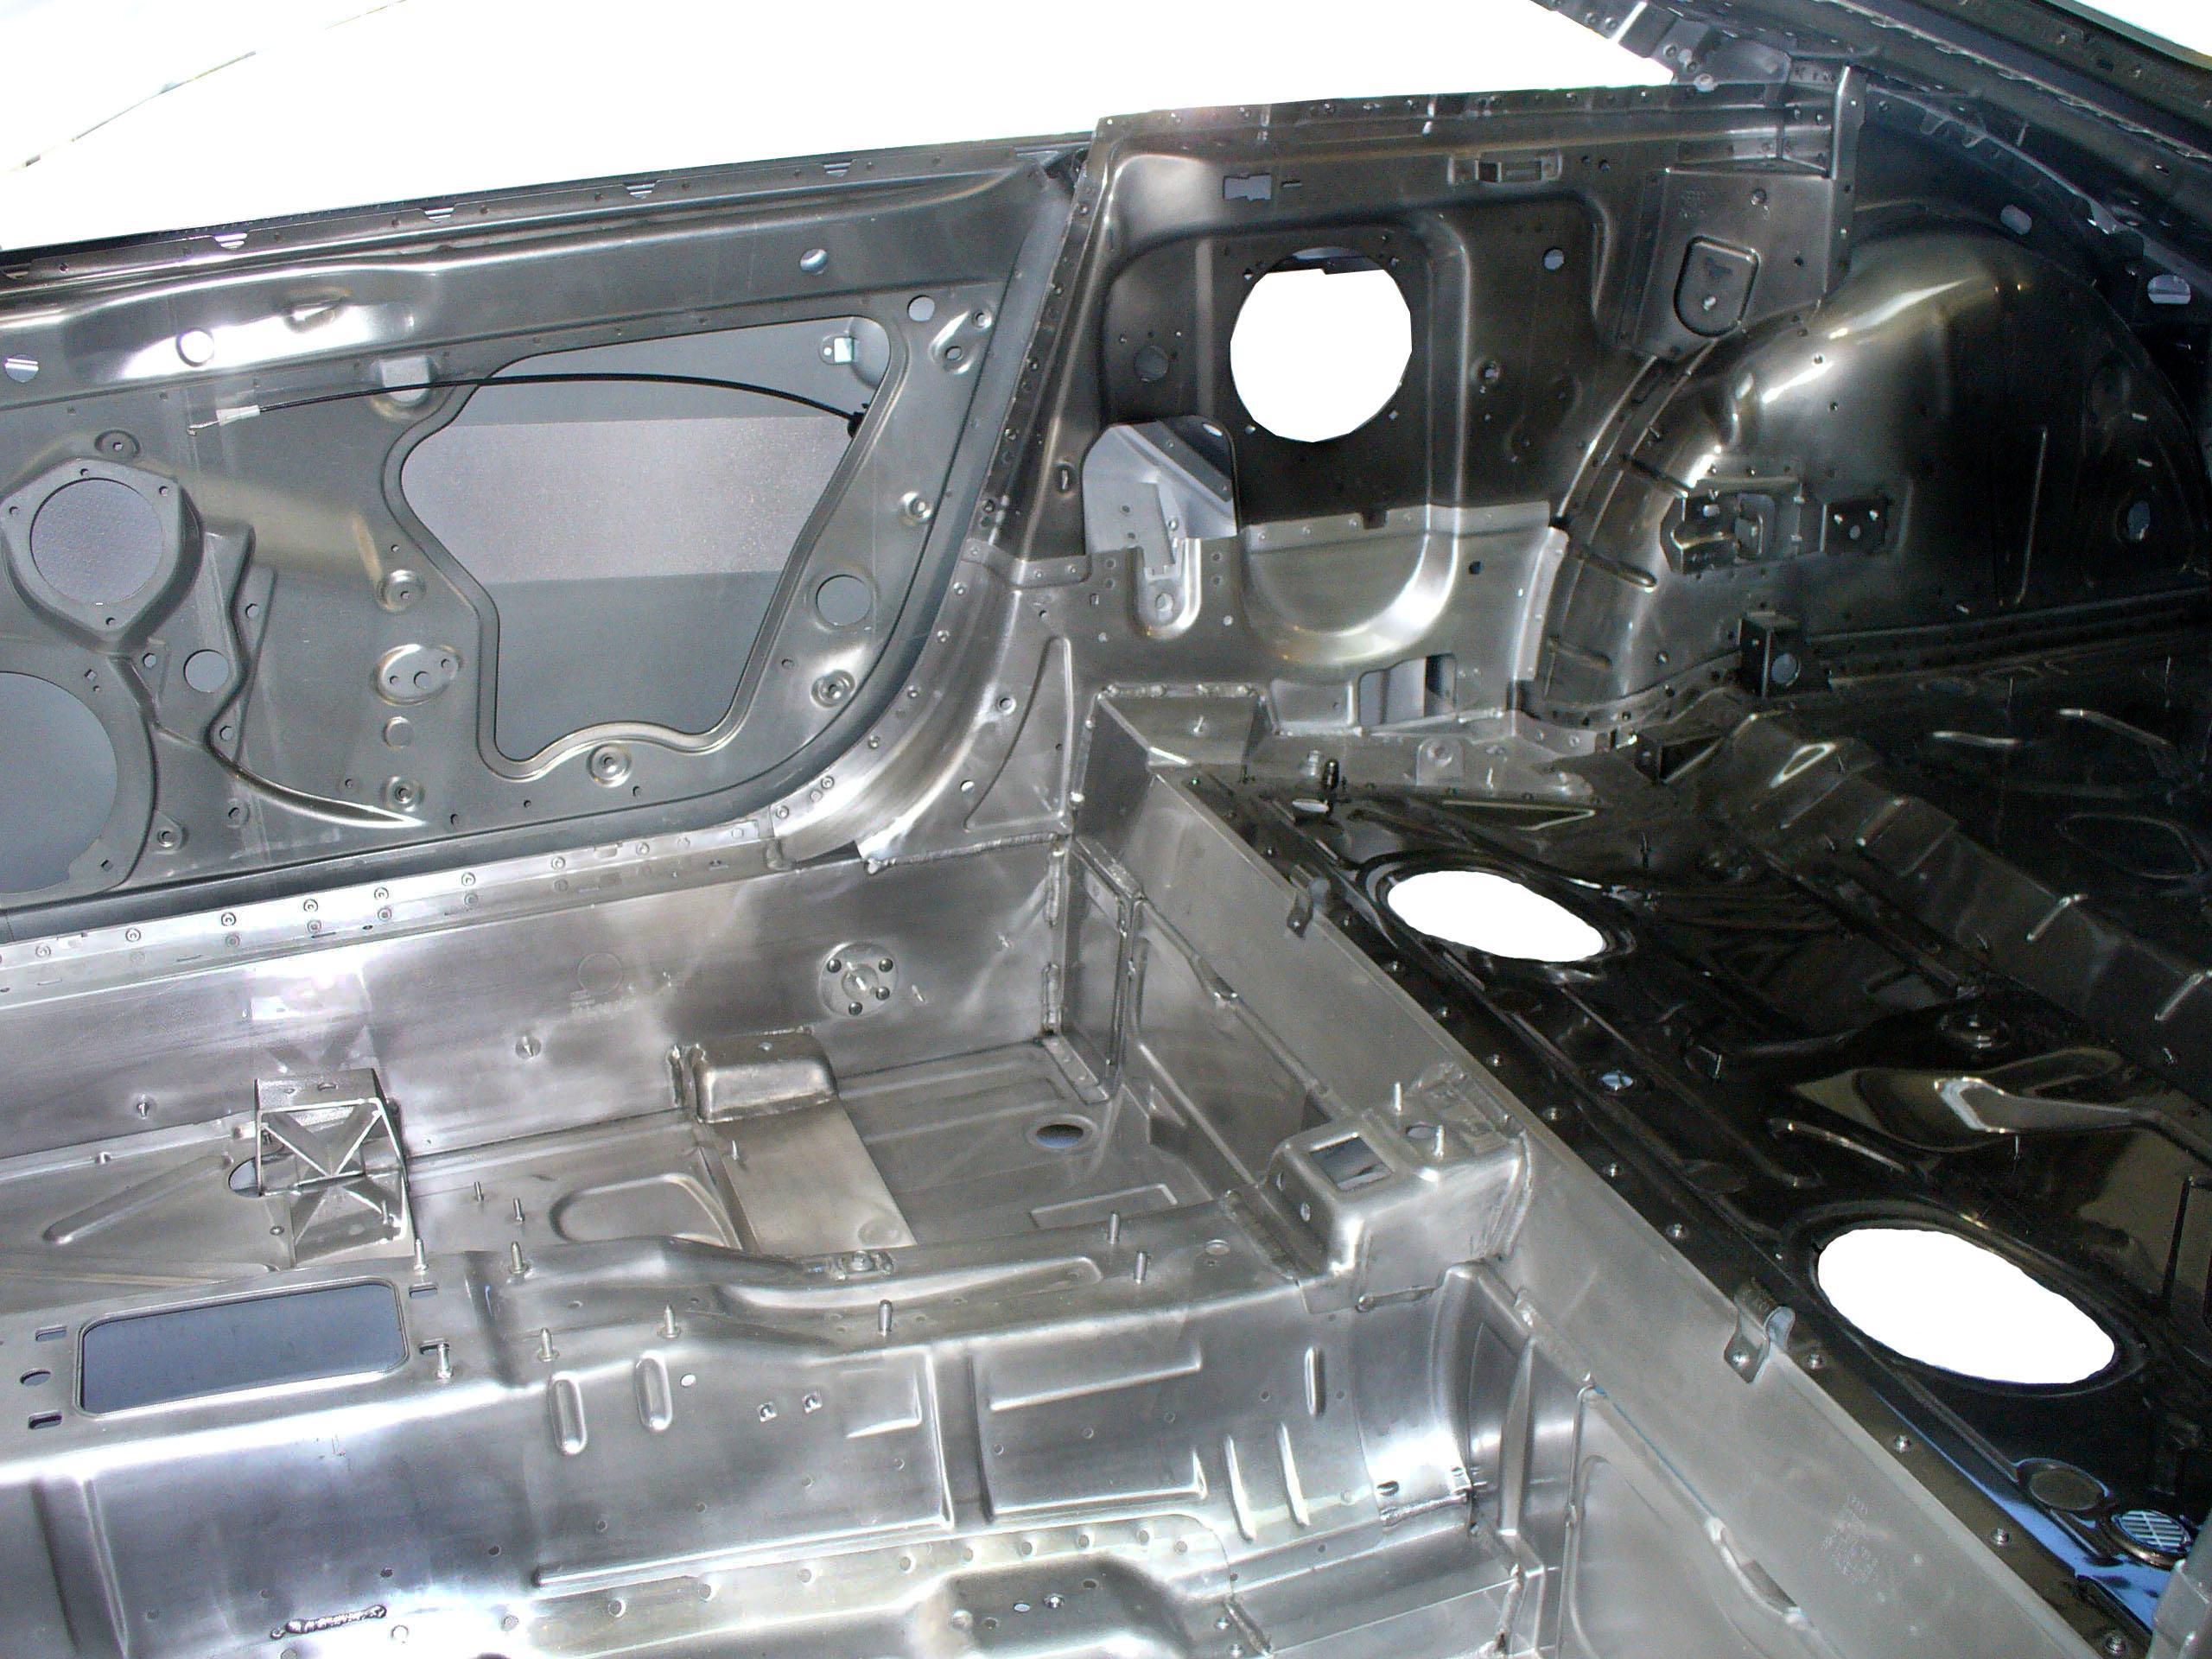 Blick auf die Karosserie eines Audi TT der zweiten Generation ab 2006